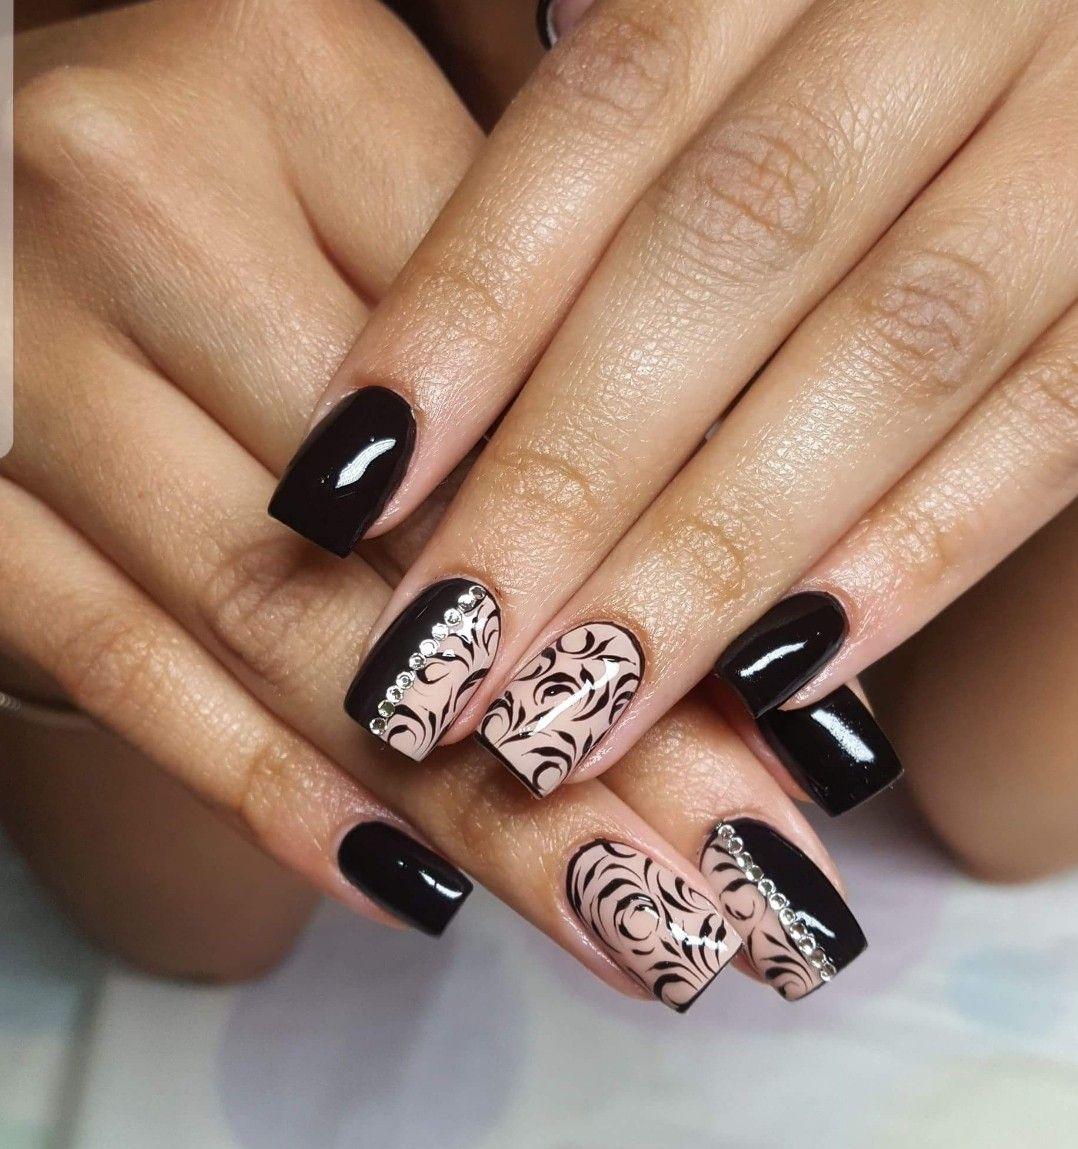 Pin de Mini Rodríguez en Uñas | Pinterest | Diseños de uñas, Arte ...